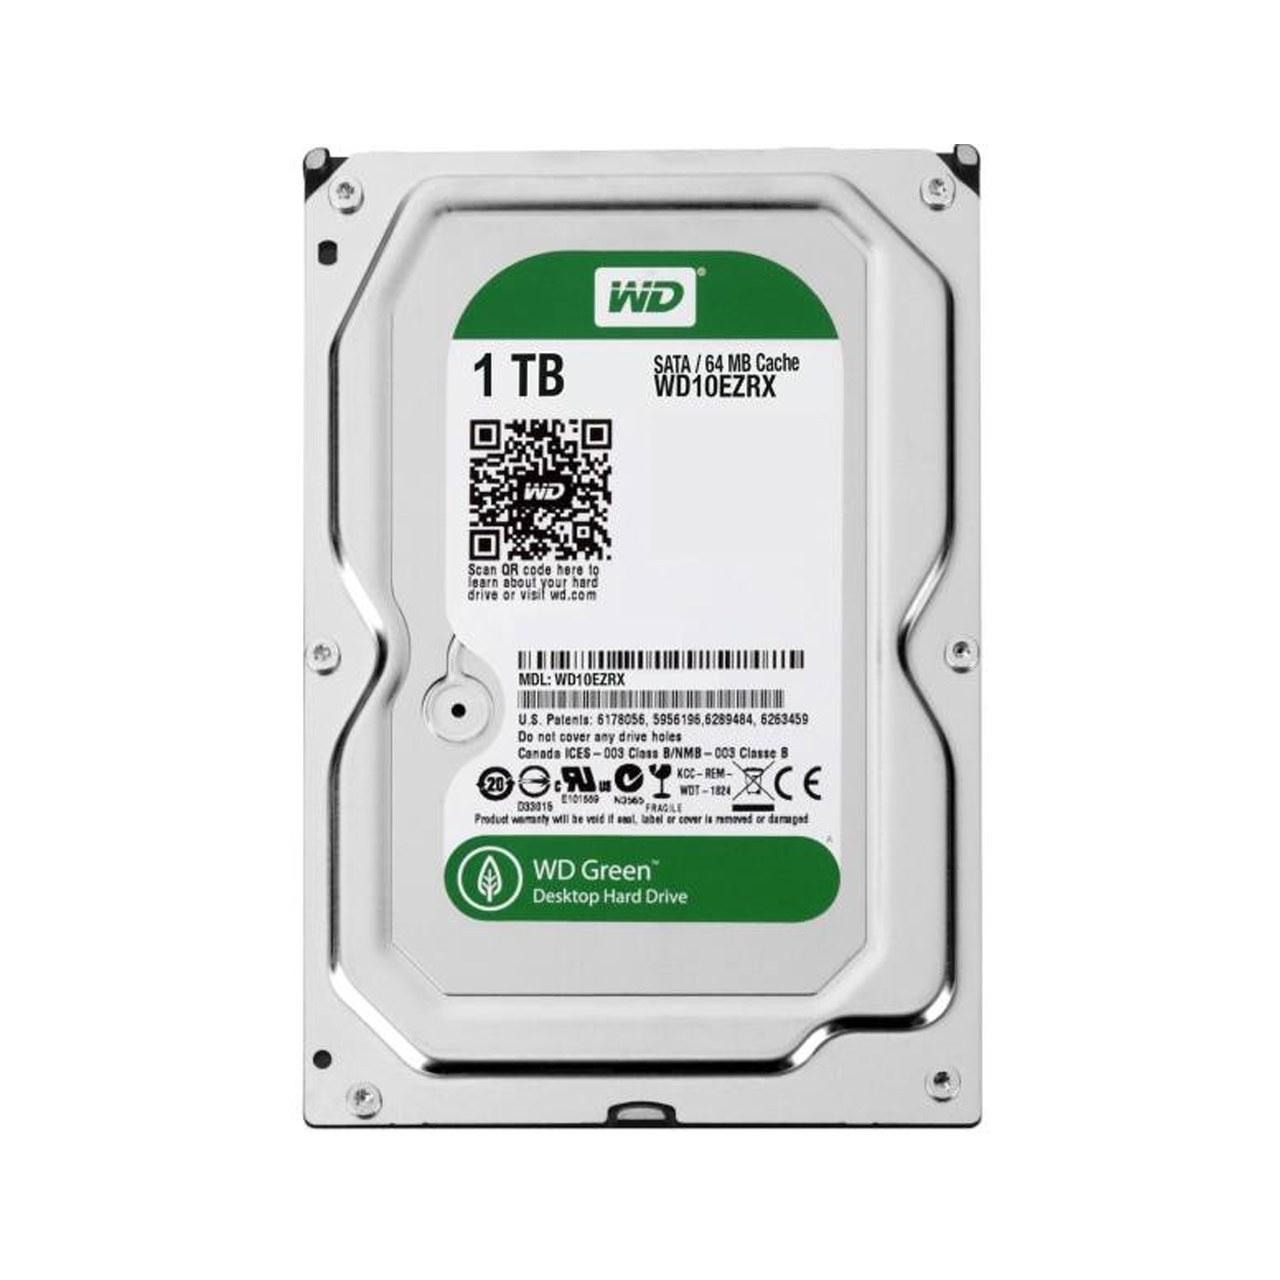 تصویر Western Digital Green WD10EZRX Internal Hard Drive - 1TB هارددیسک اینترنال وسترن دیجیتال سری سبز مدل WD10EZRX ظرفیت 1 ترابایت